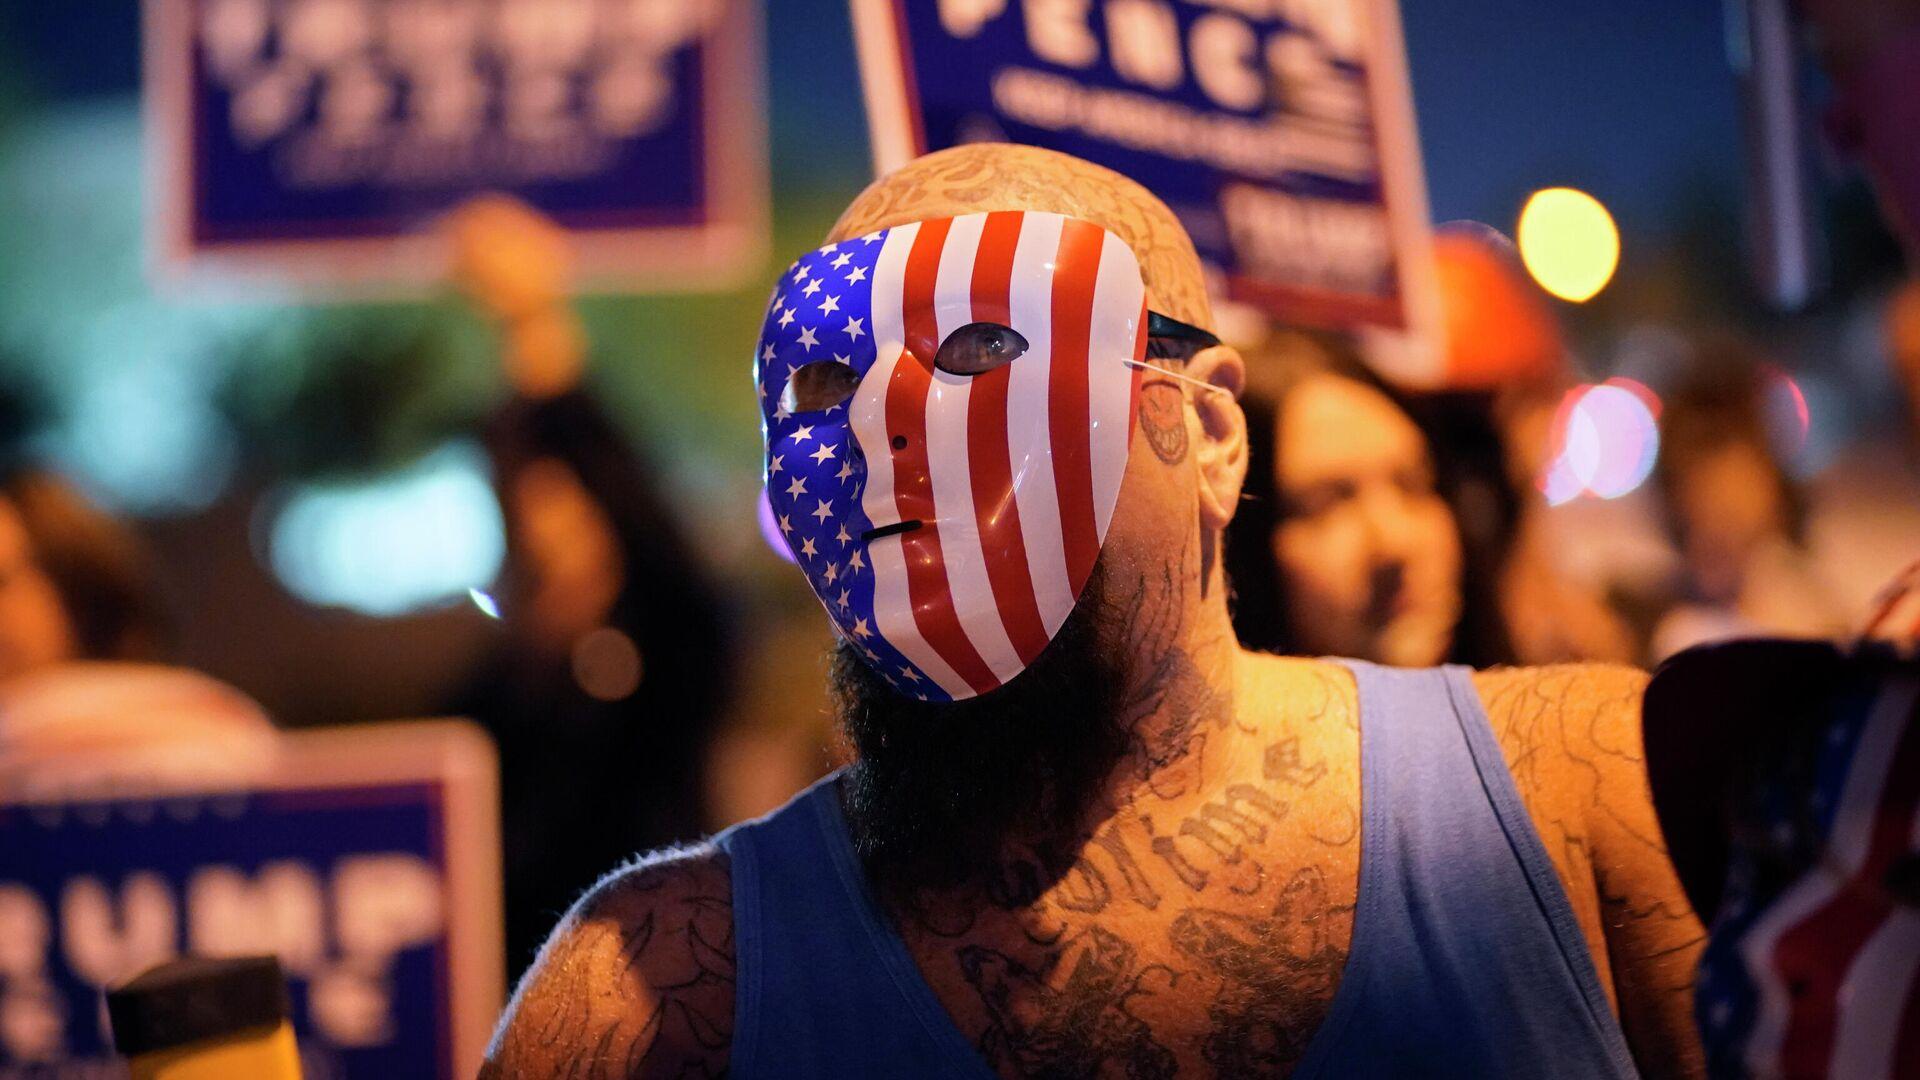 Сторонники президента Дональда Трампа во время акции протеста перед избирательным отделом округа Кларк в Лас-Вегасе - РИА Новости, 1920, 01.12.2020